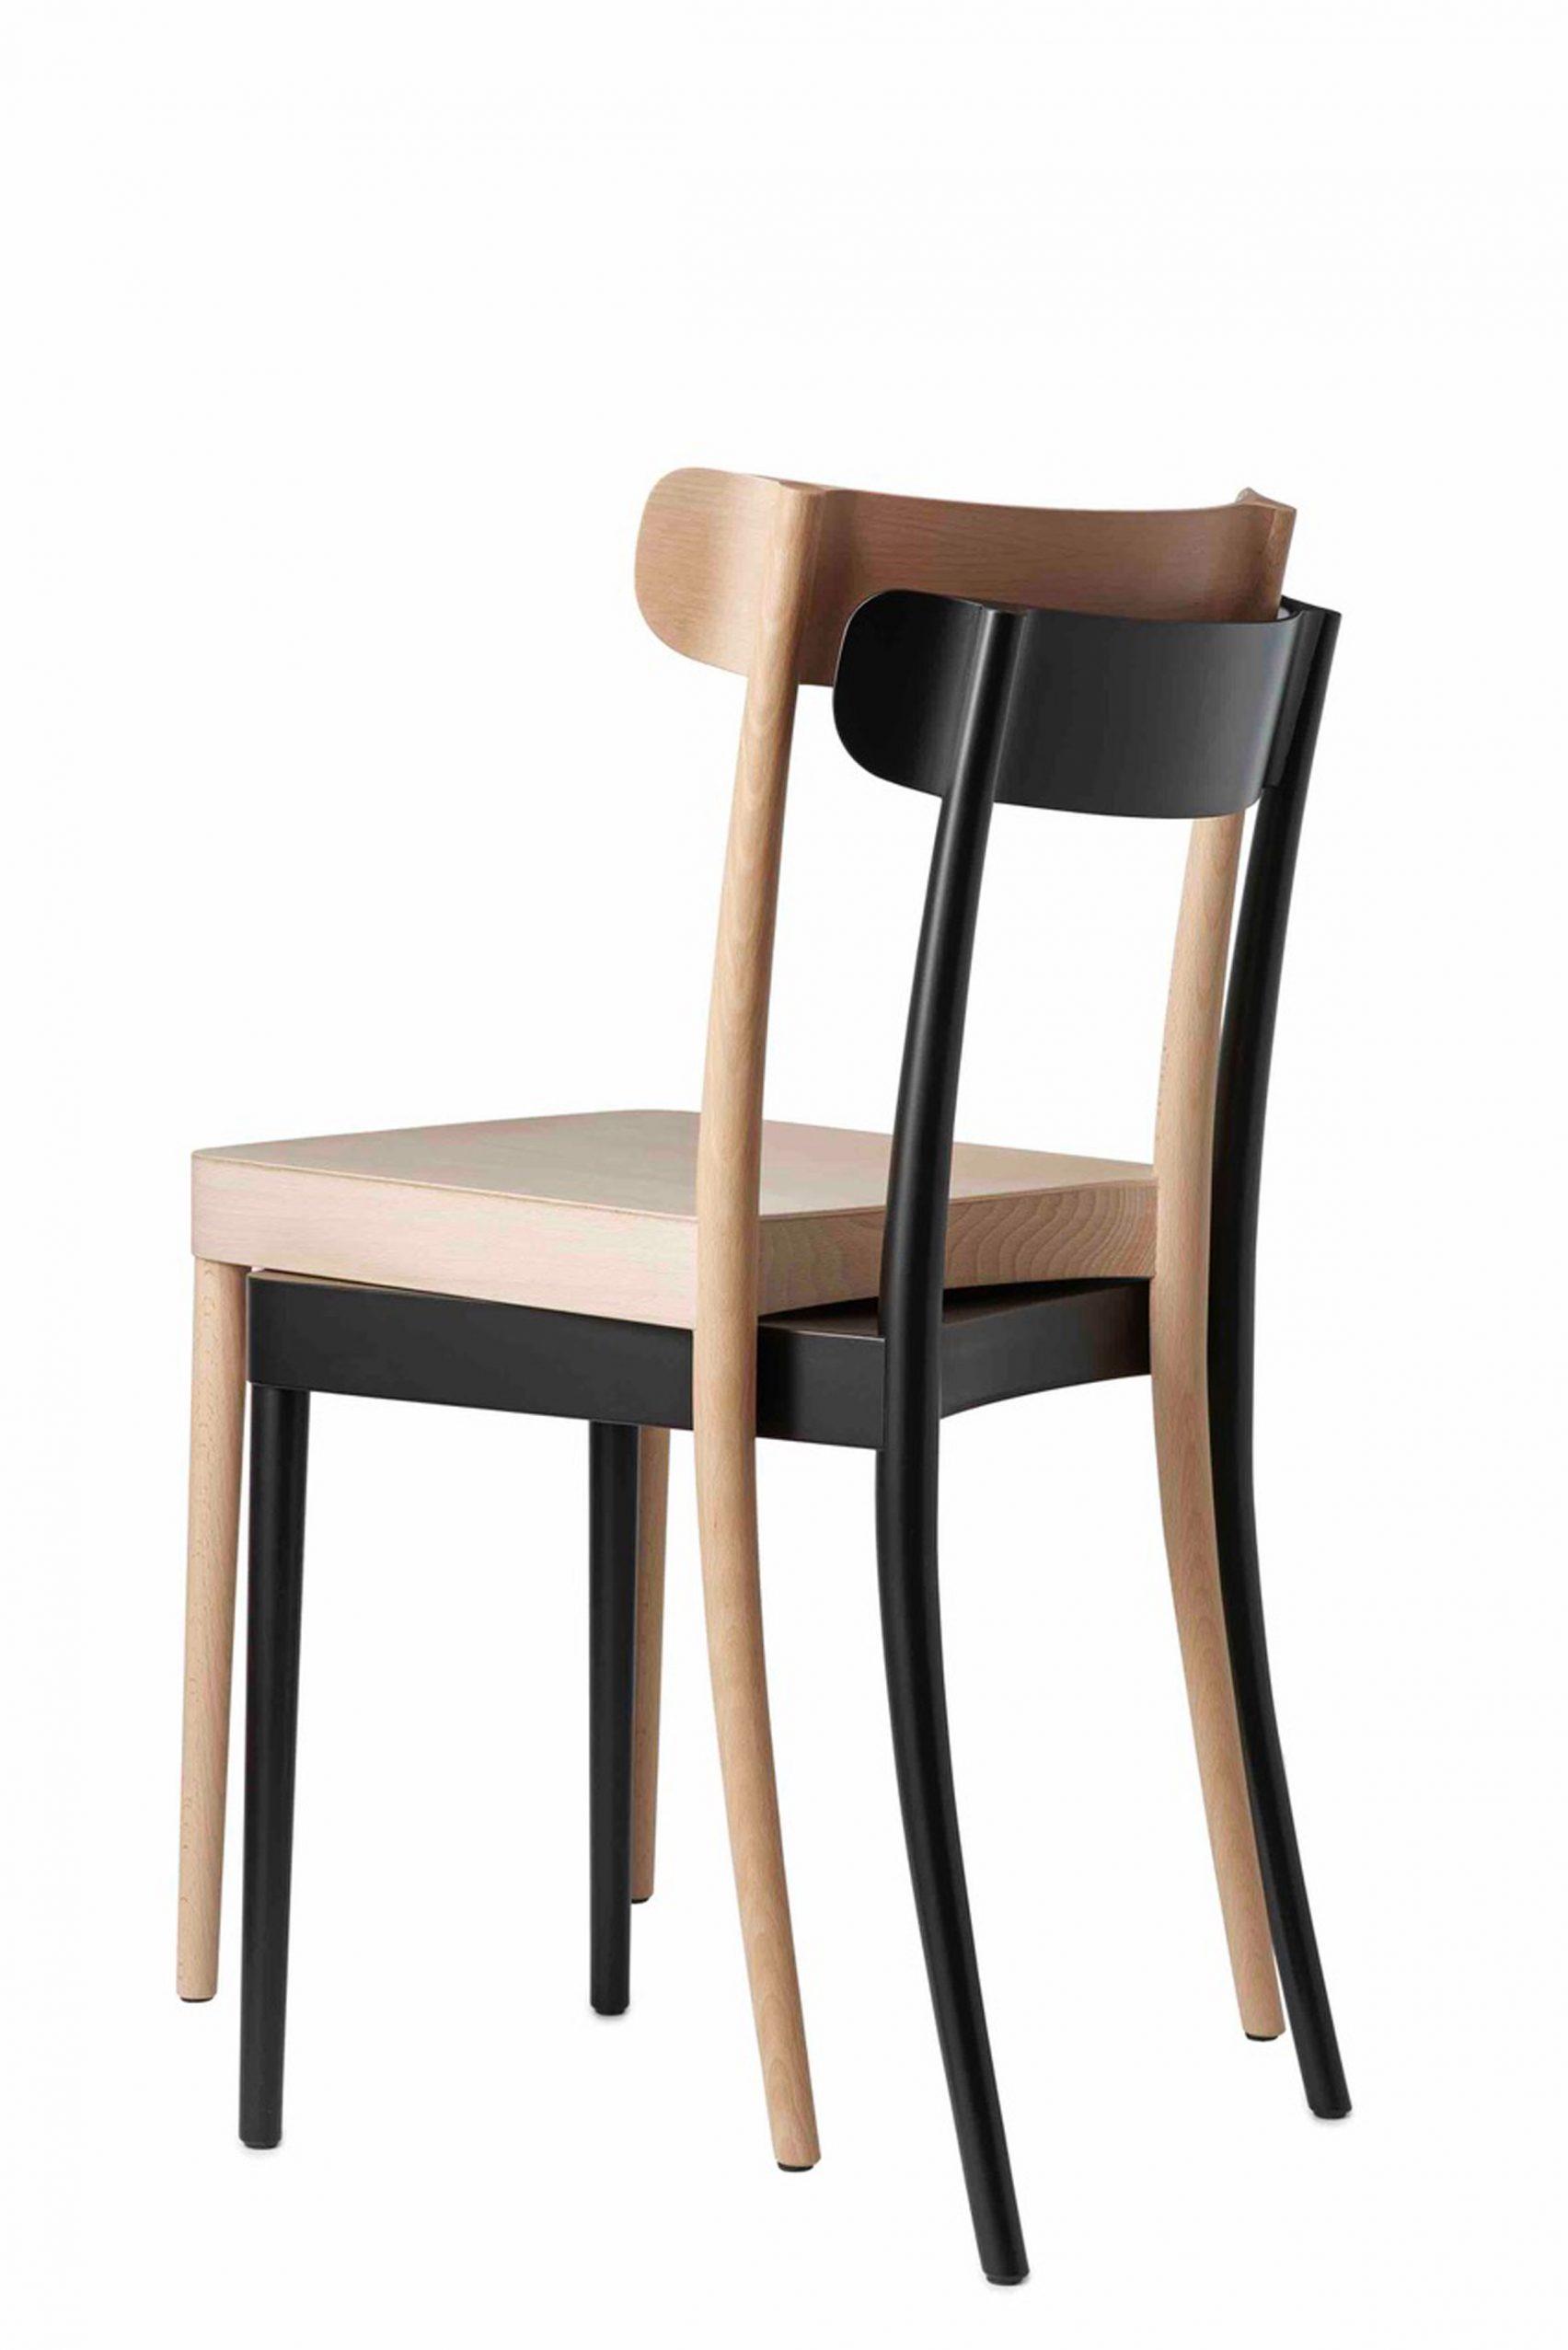 David Ericsson (переработанная древесина, Швеция)